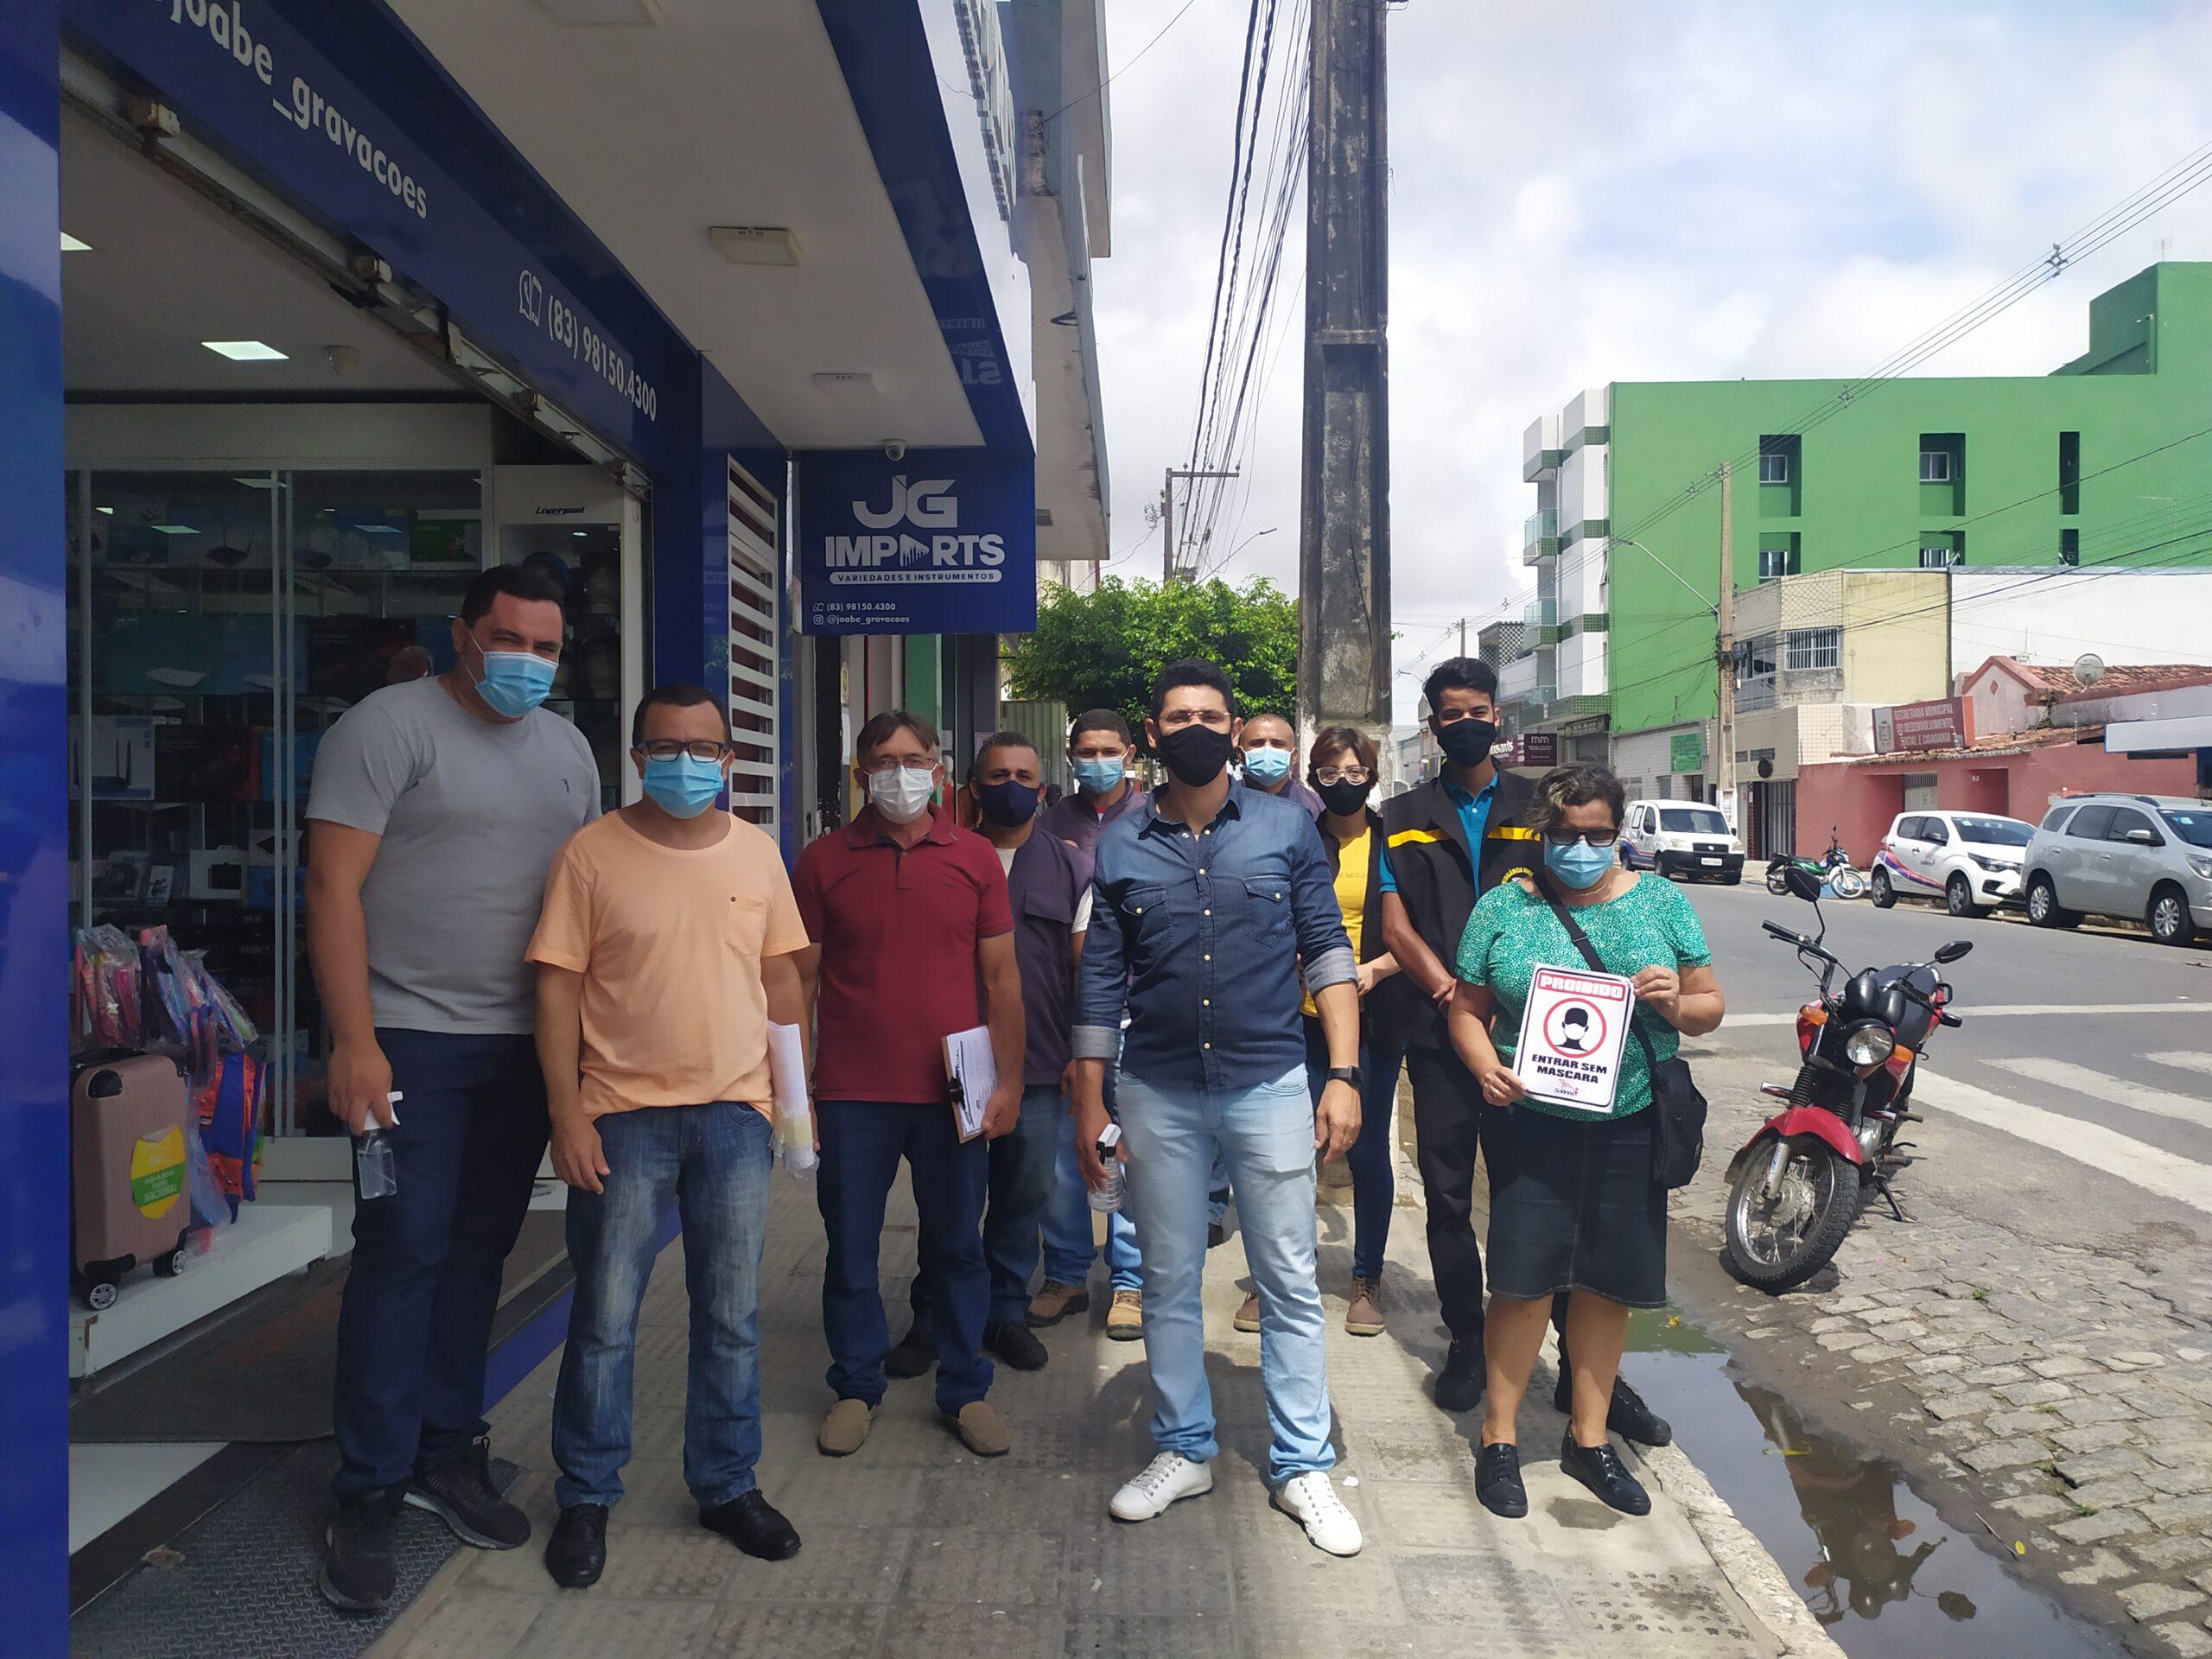 Secretaria de Saúde de Solânea realizou campanha de combate à Covid-19 no comércio.